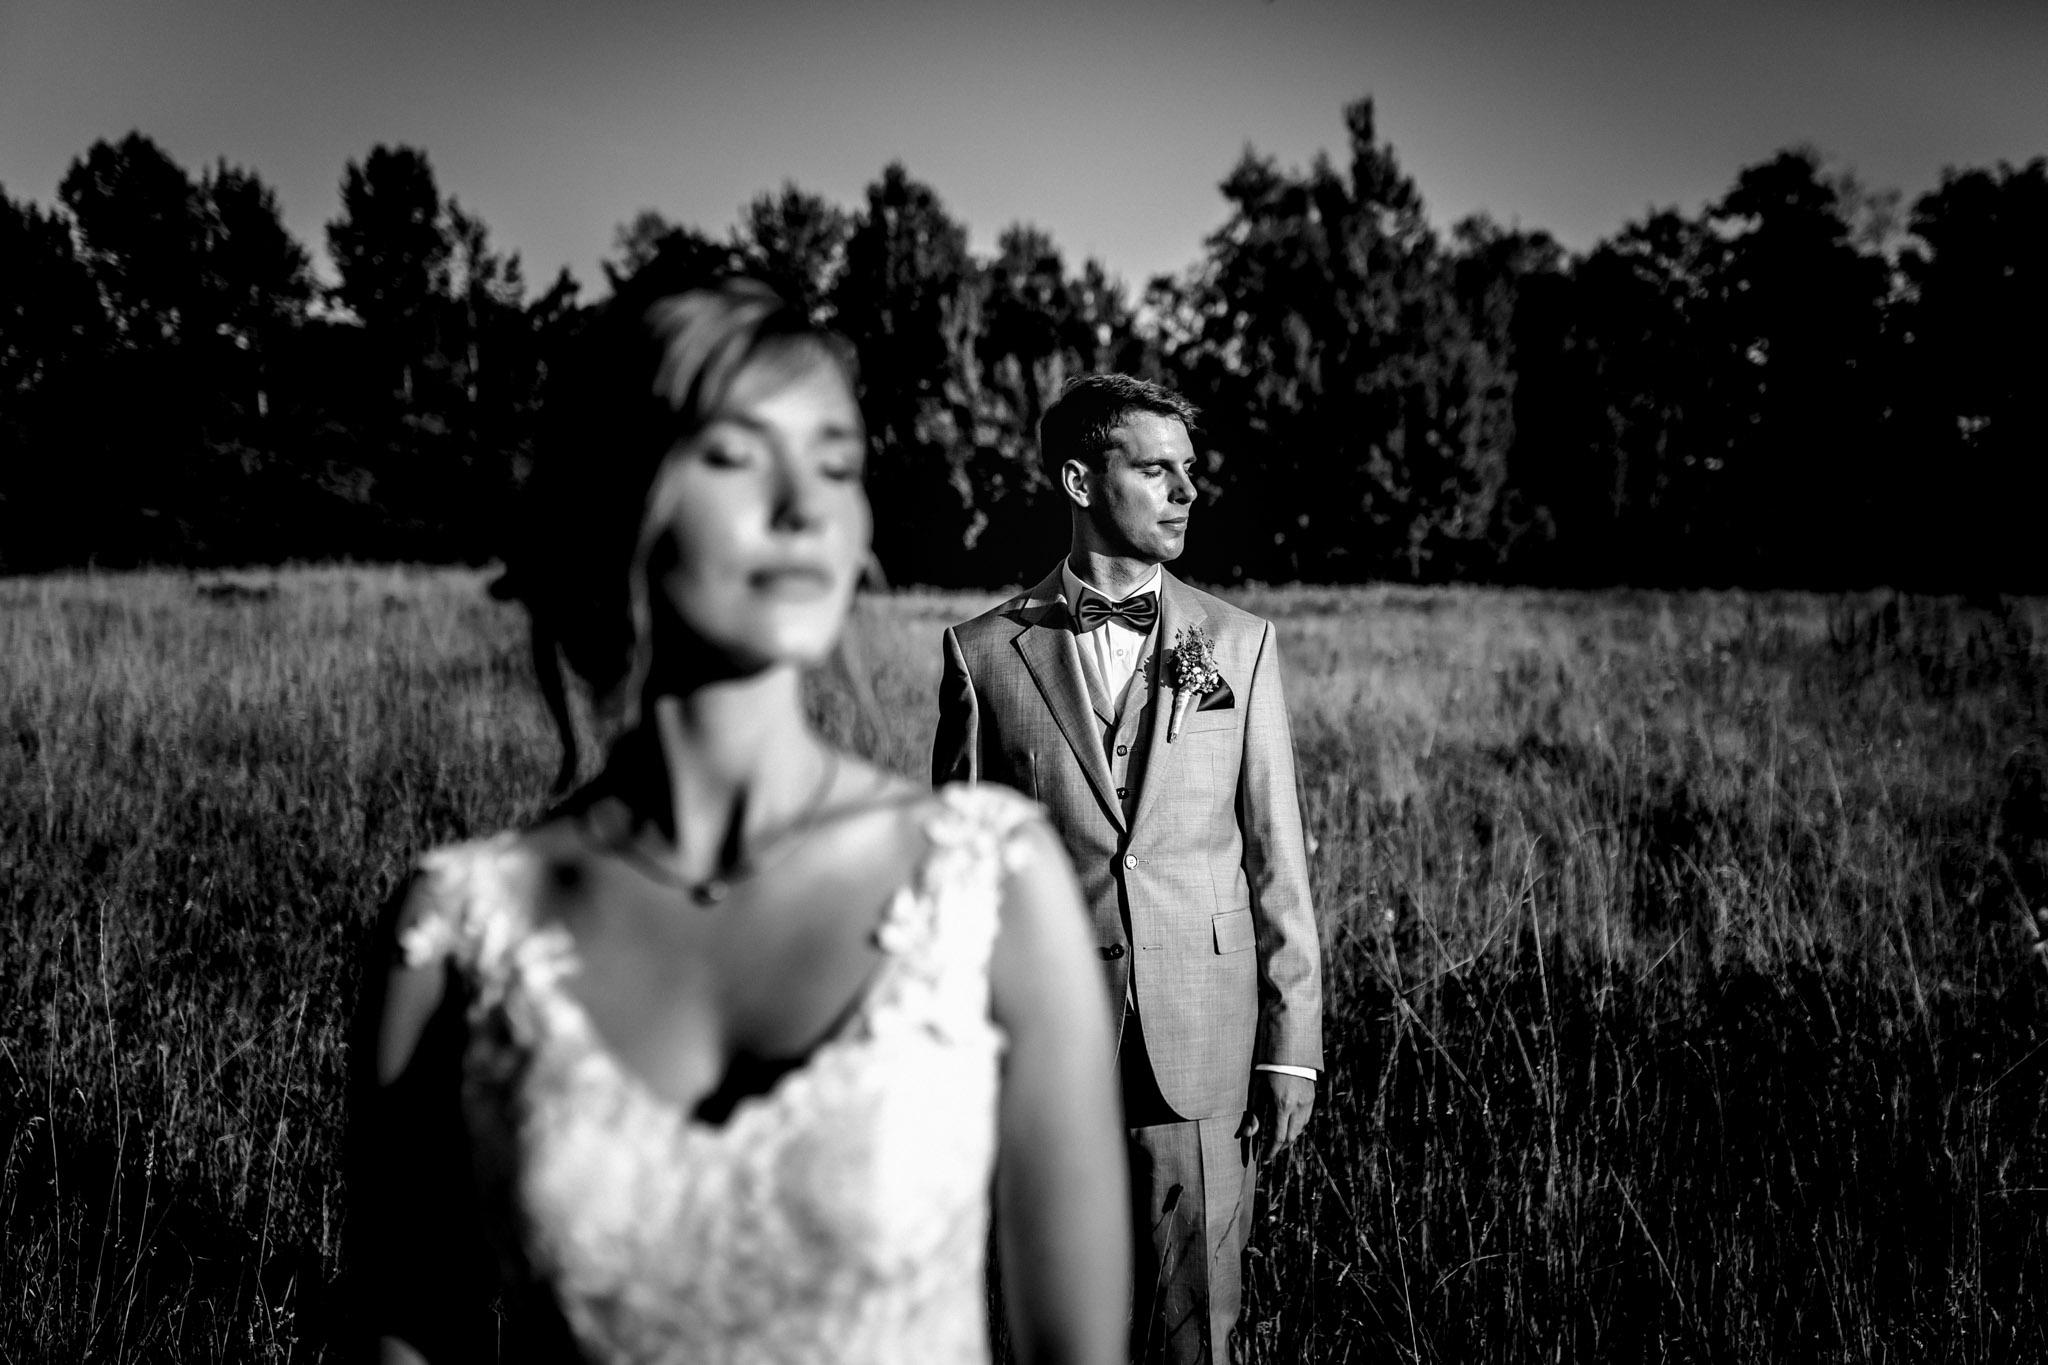 Sven Schomburg Hochzeitsfotografie, Hamburg, Mölln, Hochzeitsfieber by Photo-Schomburg, Hochzeitsreportage, Forsthaus Waldhusen, Braut, Bräutigam-72